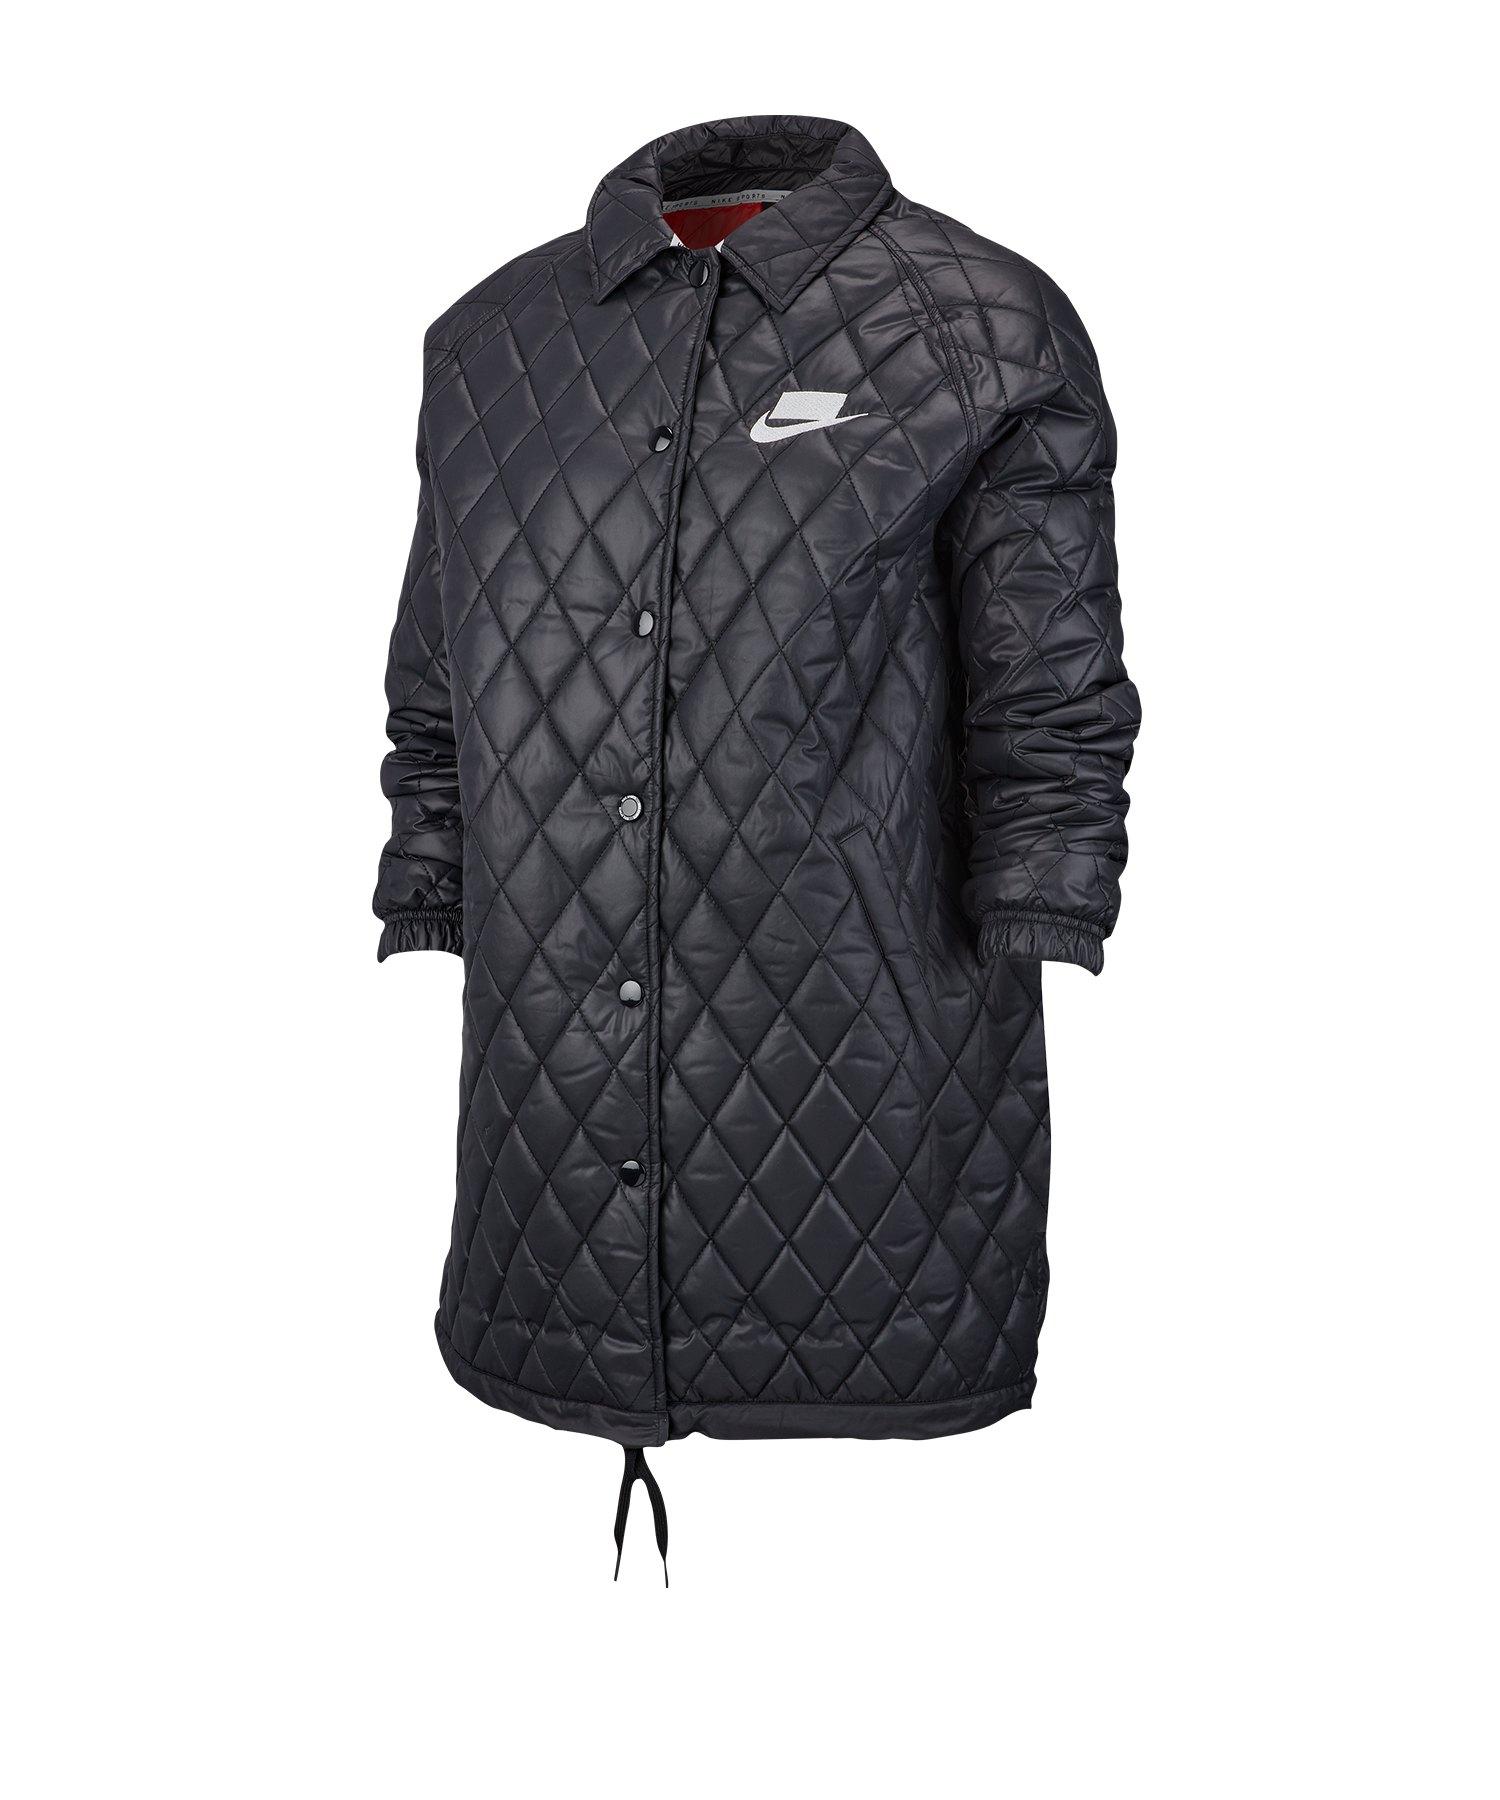 Nike Quilted Jacket Jacke Damen Schwarz F010 - schwarz